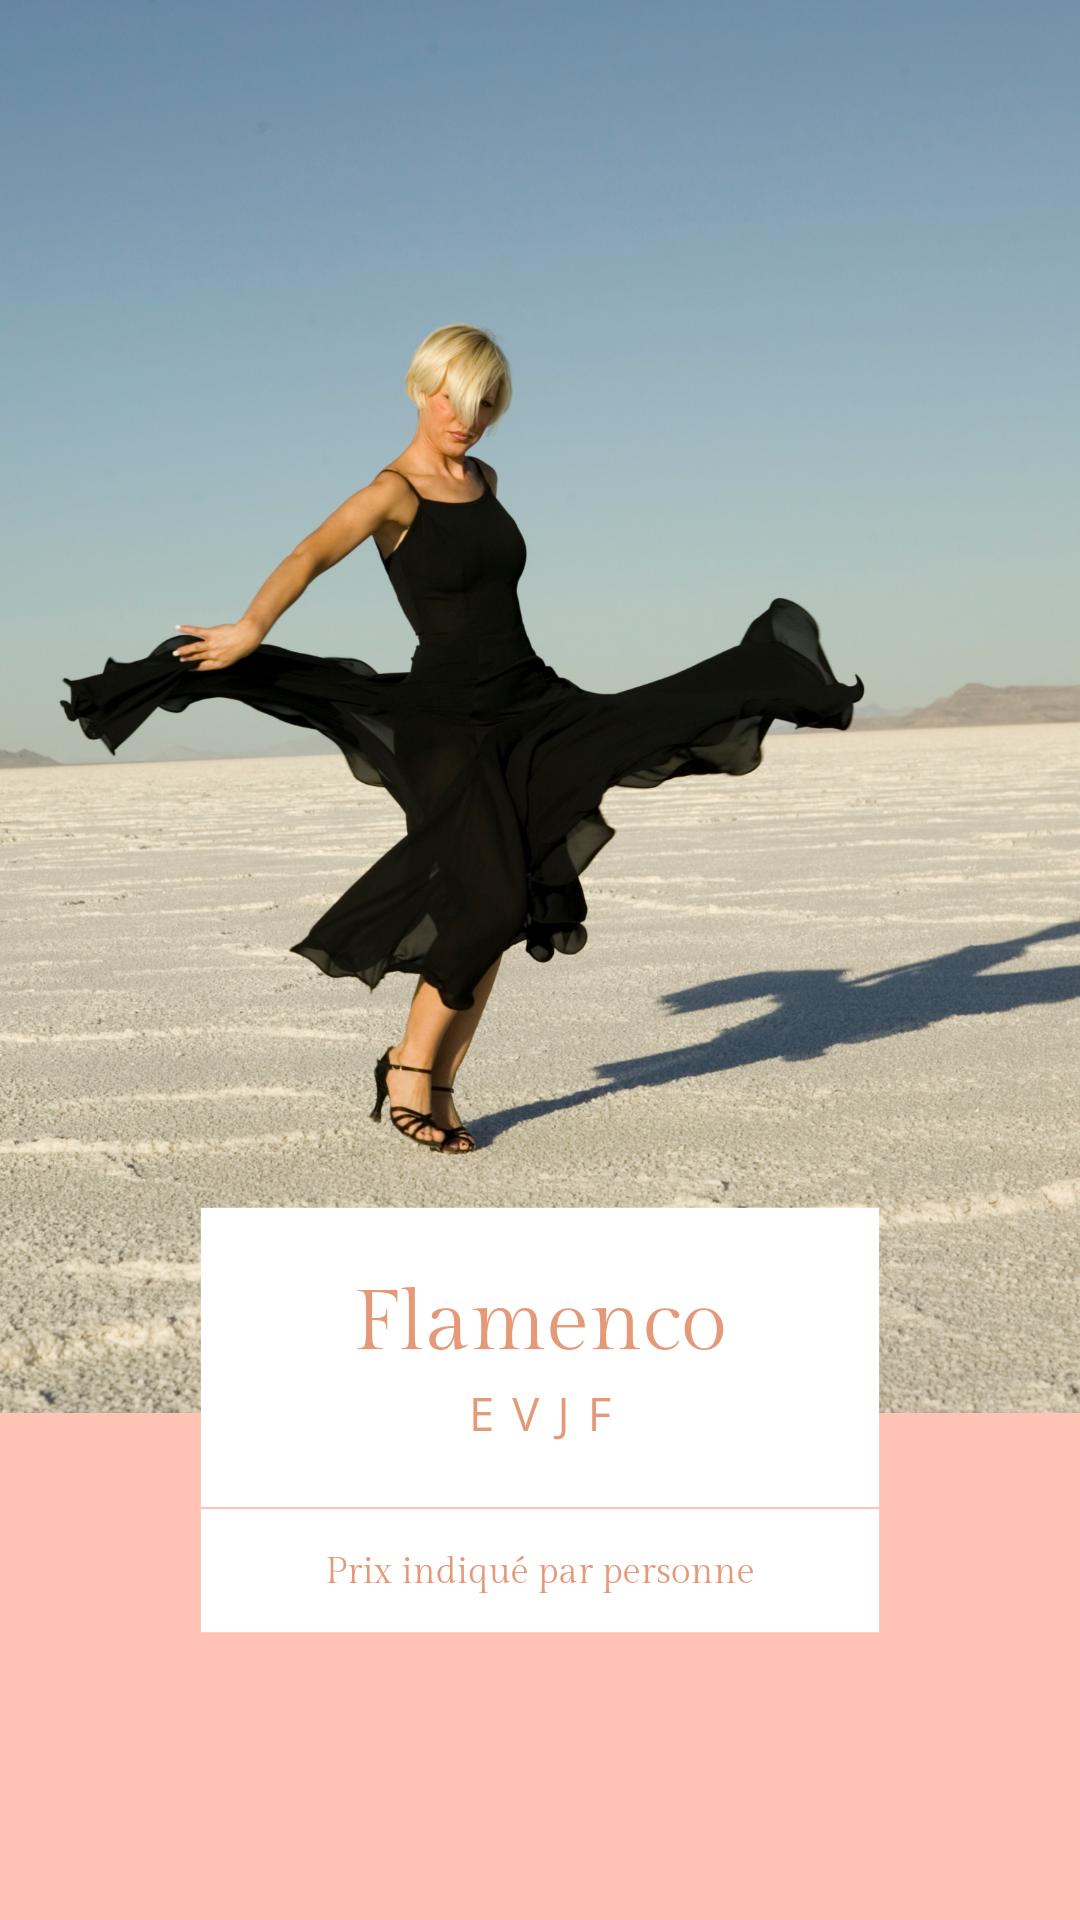 Cours de Flamenco - EVJF Cours de Flamenco